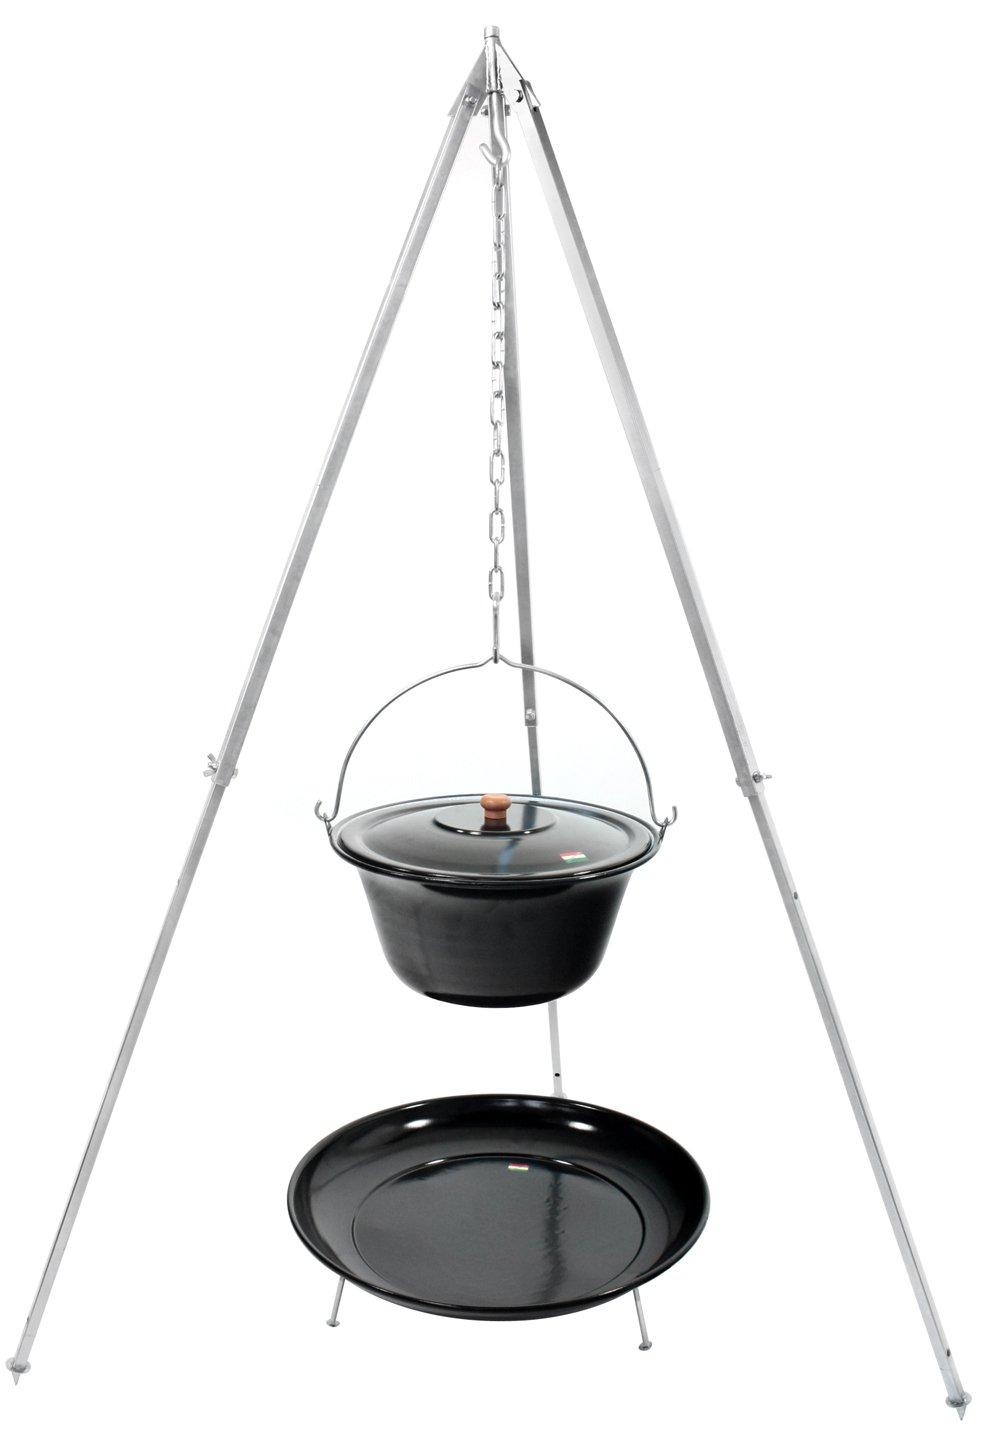 Gulaschkessel 15 Liter emailliert, Teleskopgestell 180 extra stark verzinkt Deckel Feuerstelle Holzlöffel online kaufen